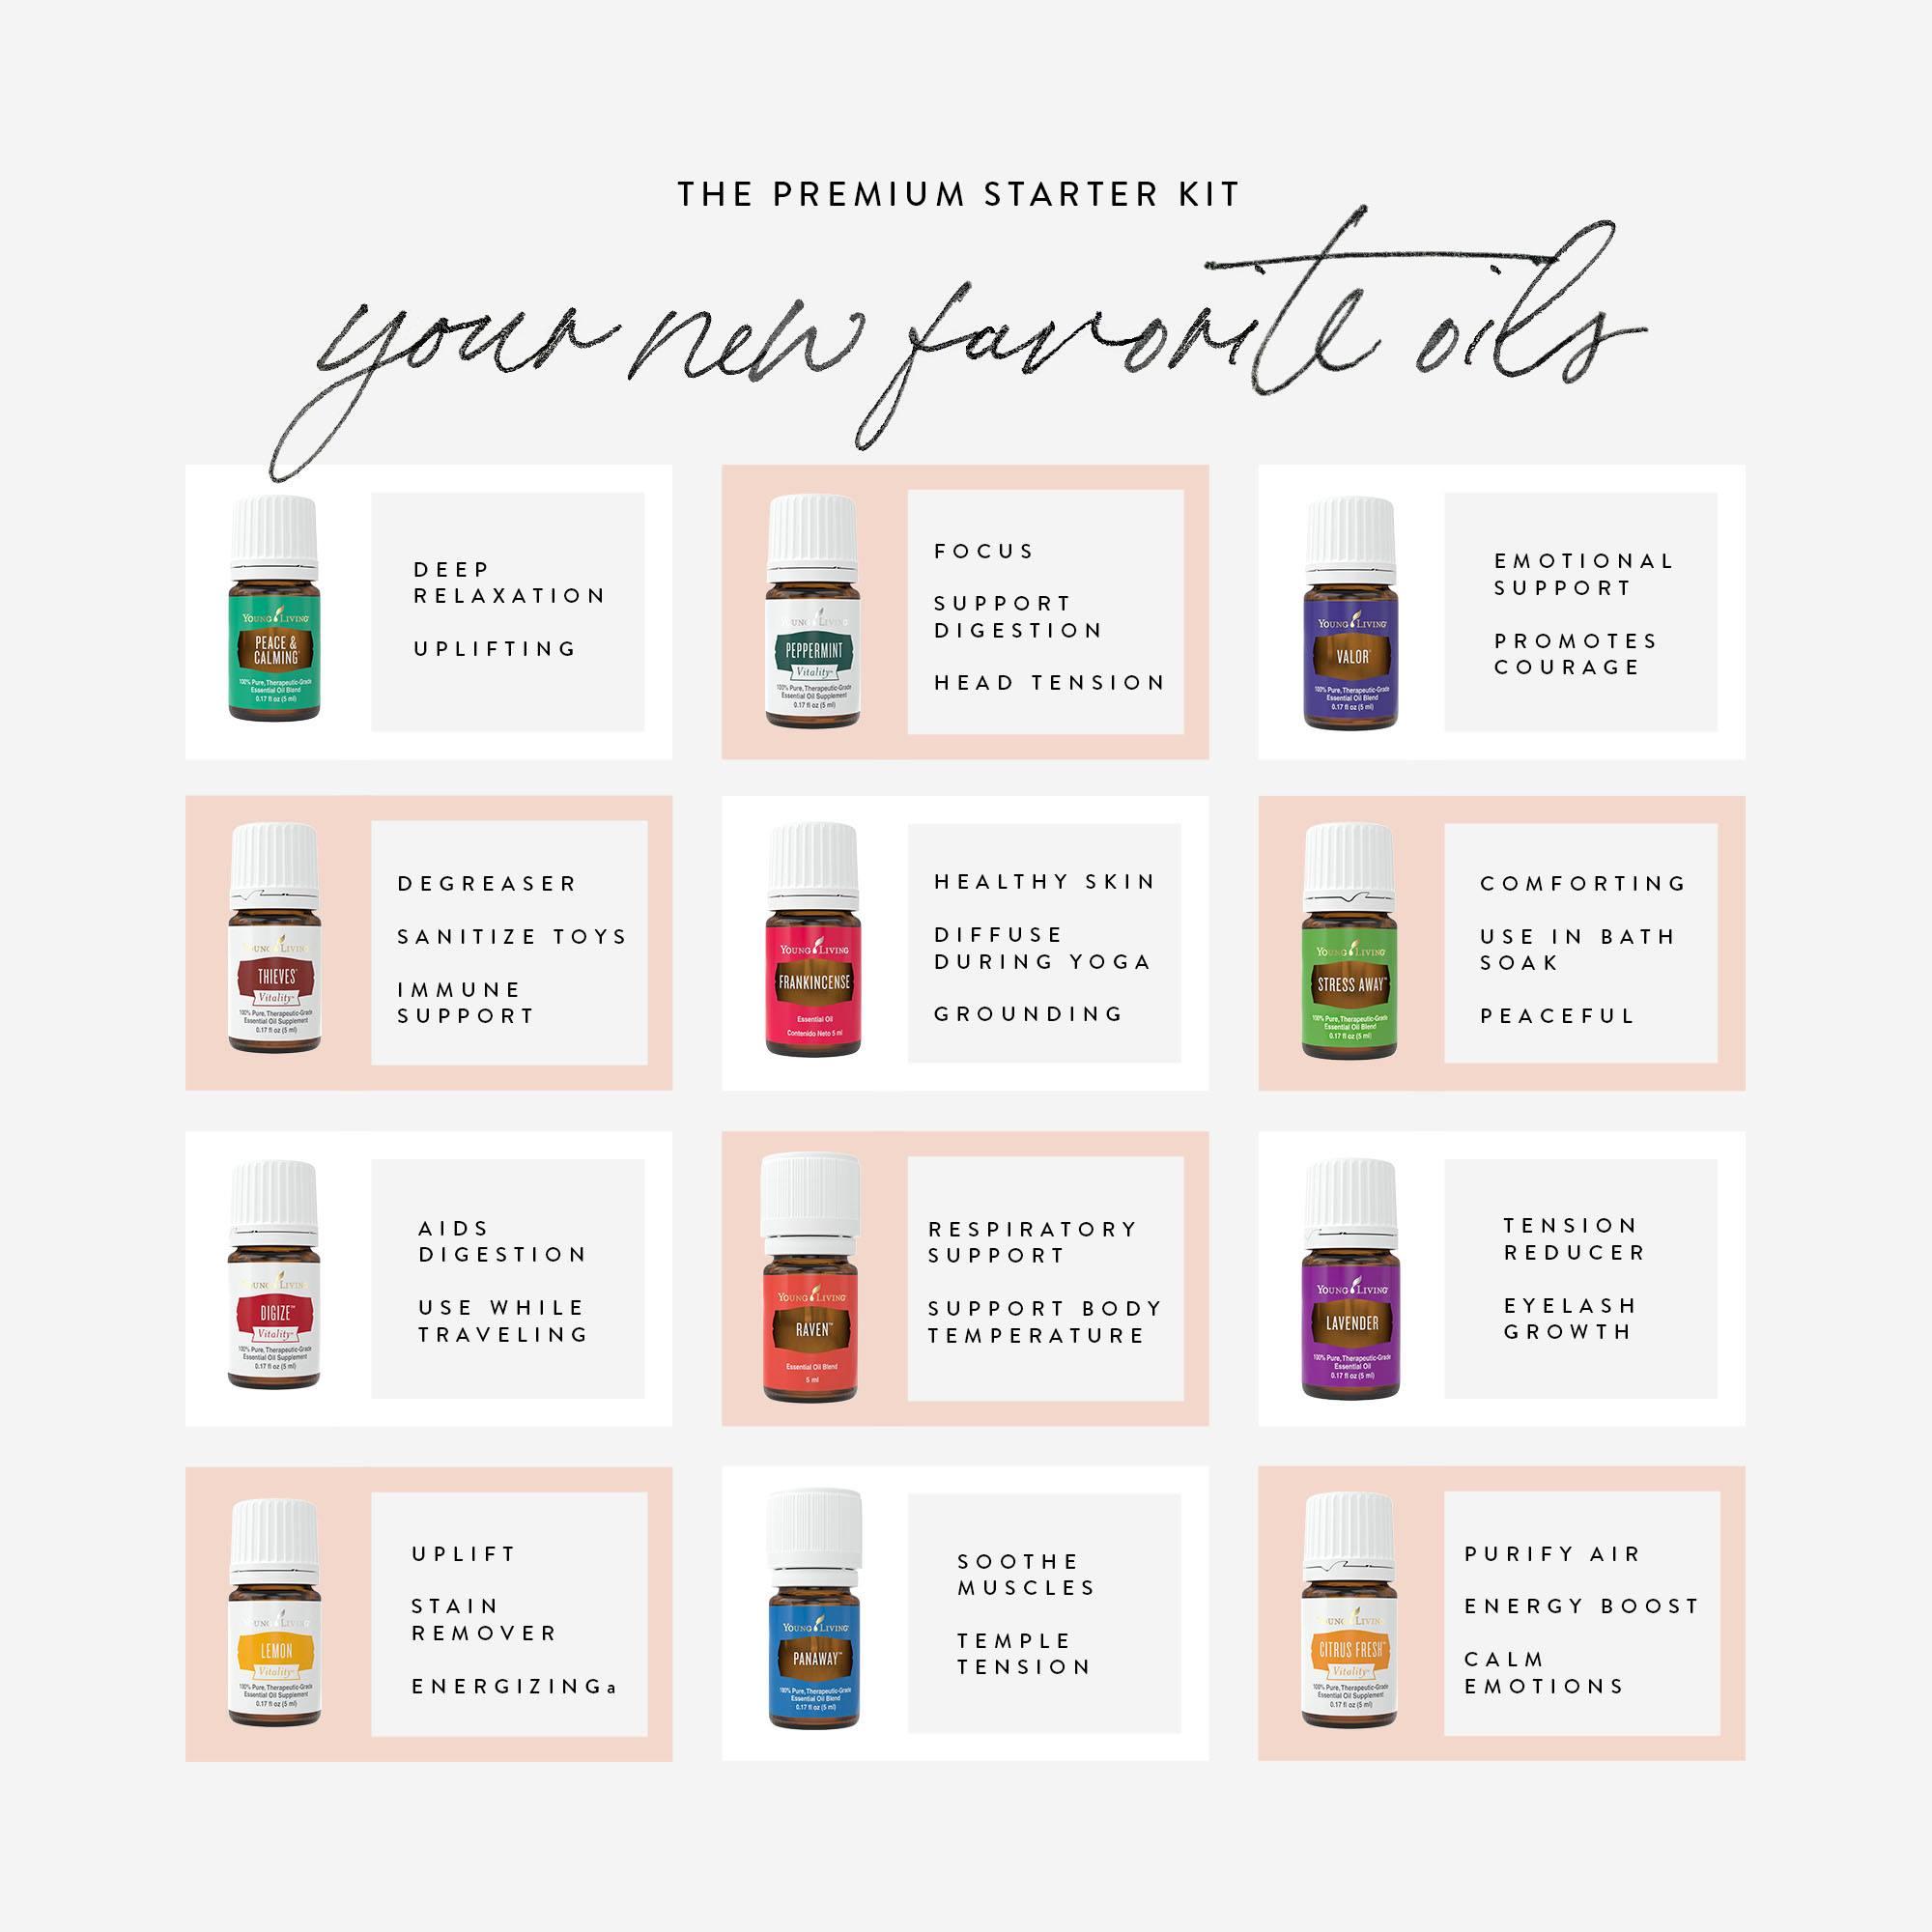 psk oils.jpg